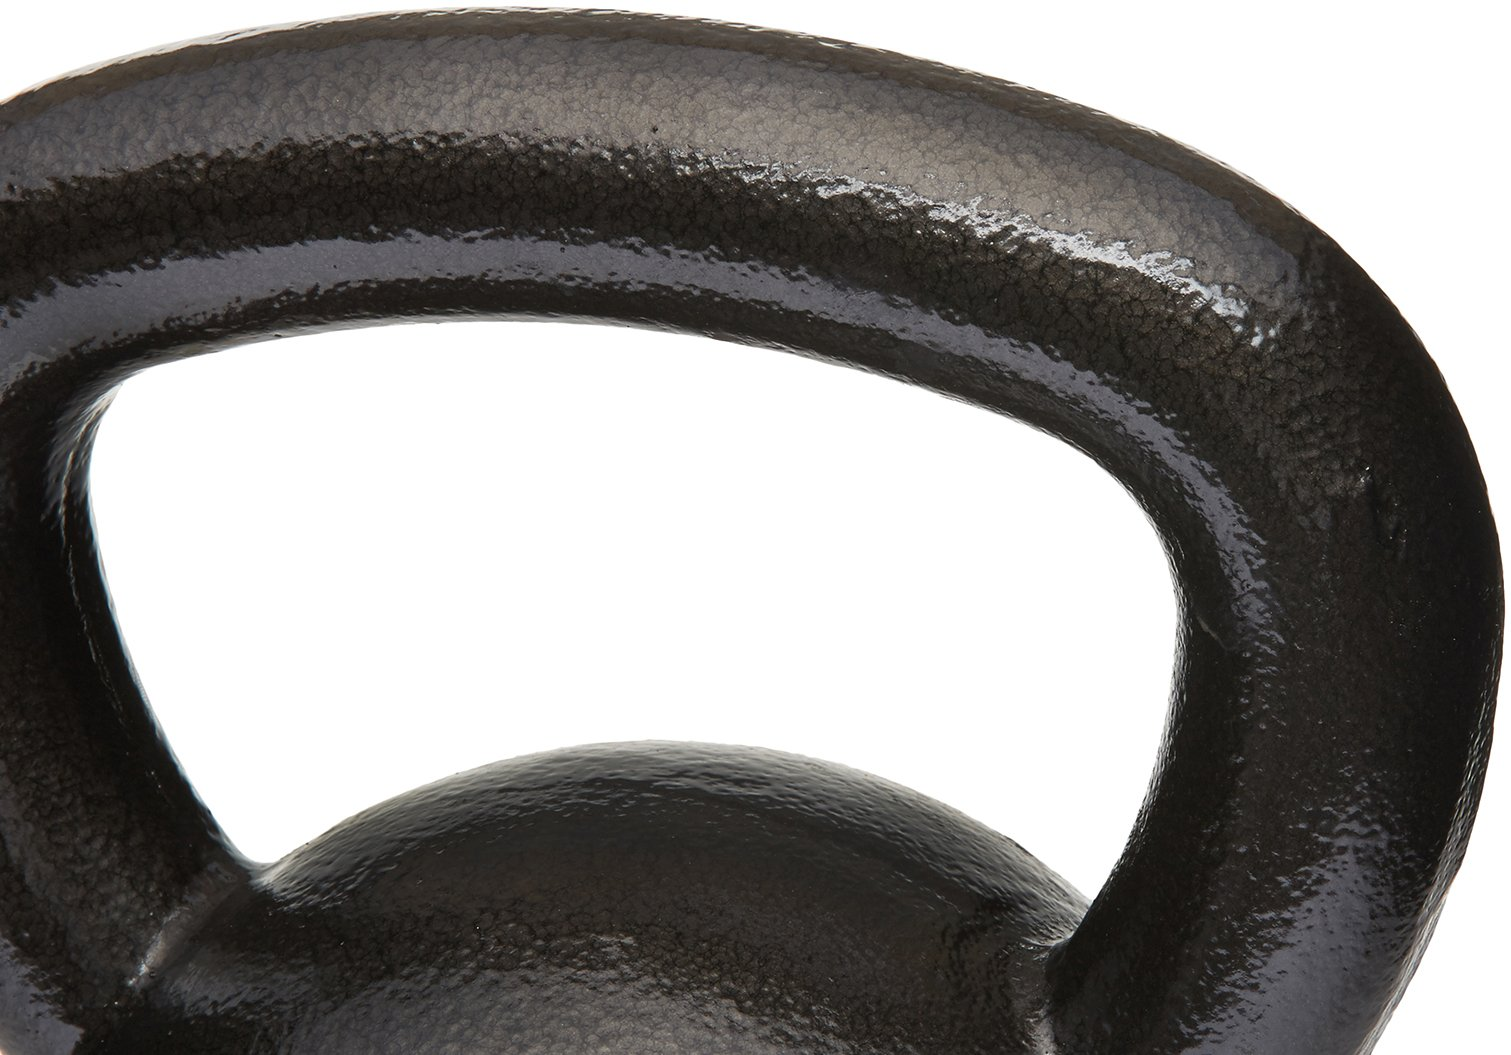 AmazonBasics Cast Iron Kettlebell, 25 lb